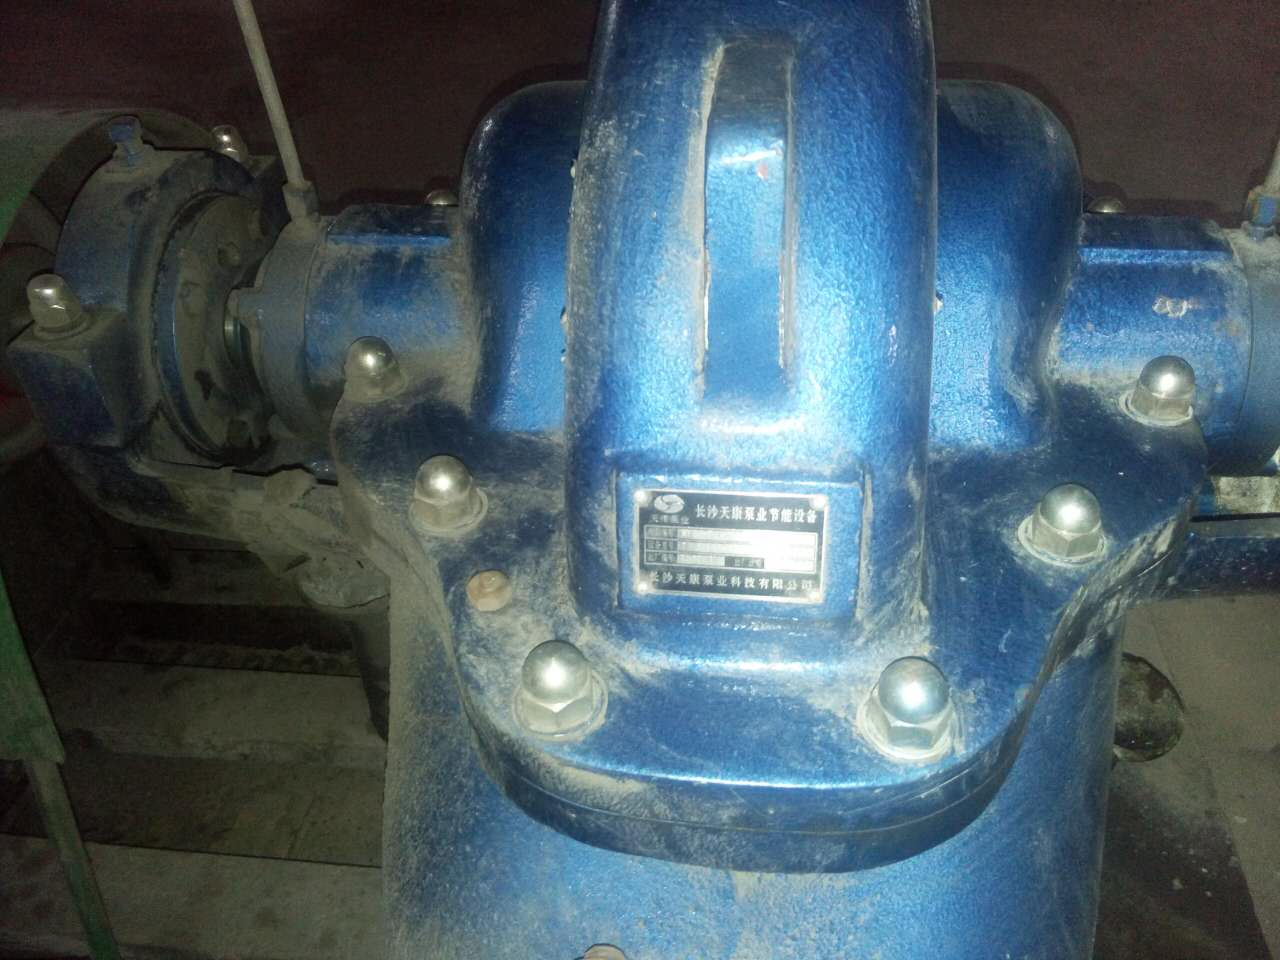 祝贺我公司与湖北新冶钢有限公司达成水泵节能改造协议